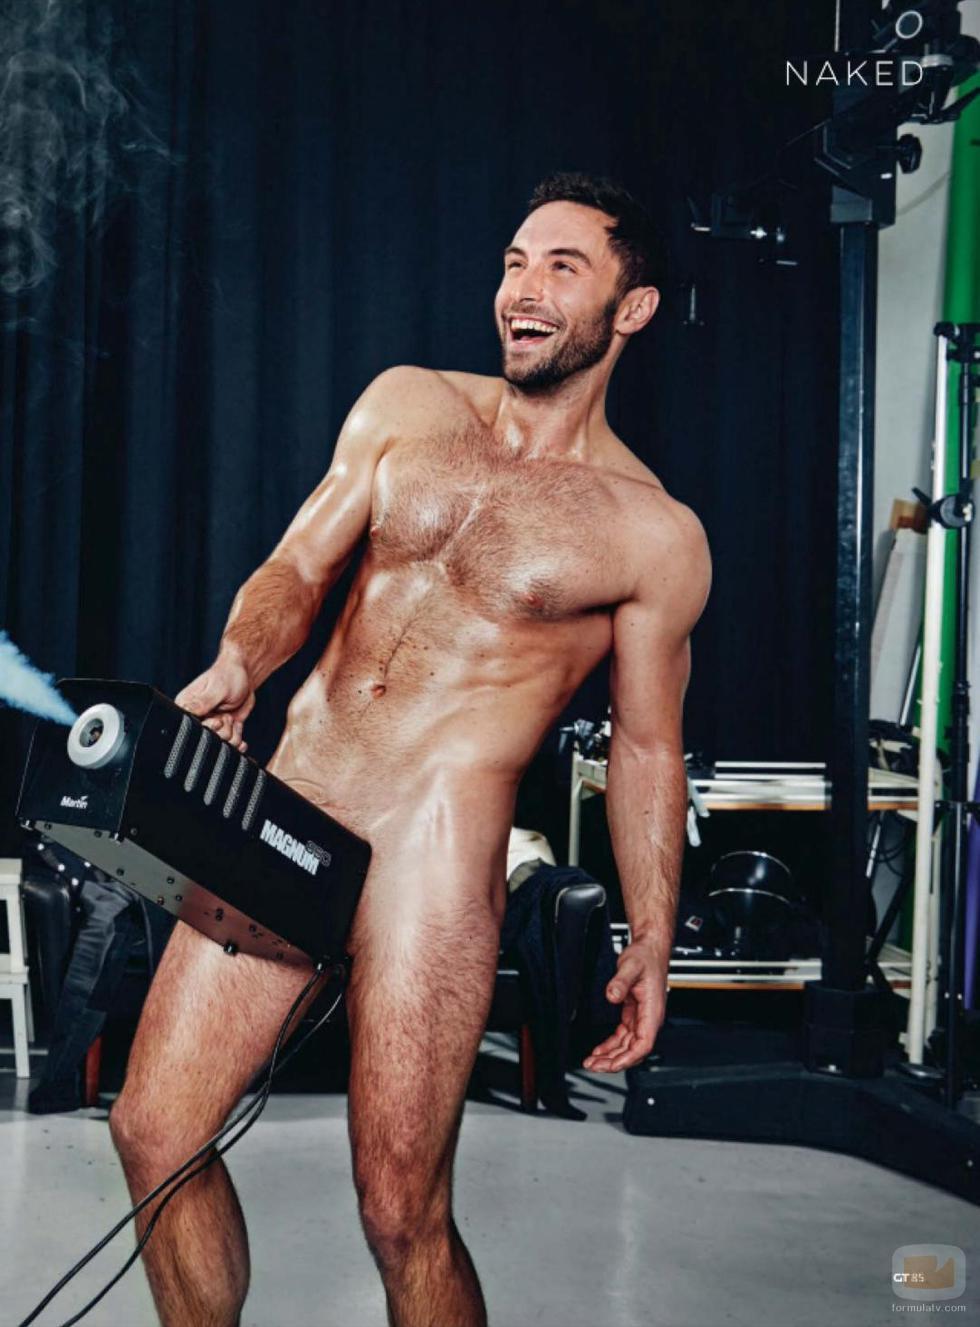 El Muy Sugerente Posado Desnudo Del Ganador De Eurovisión 2015